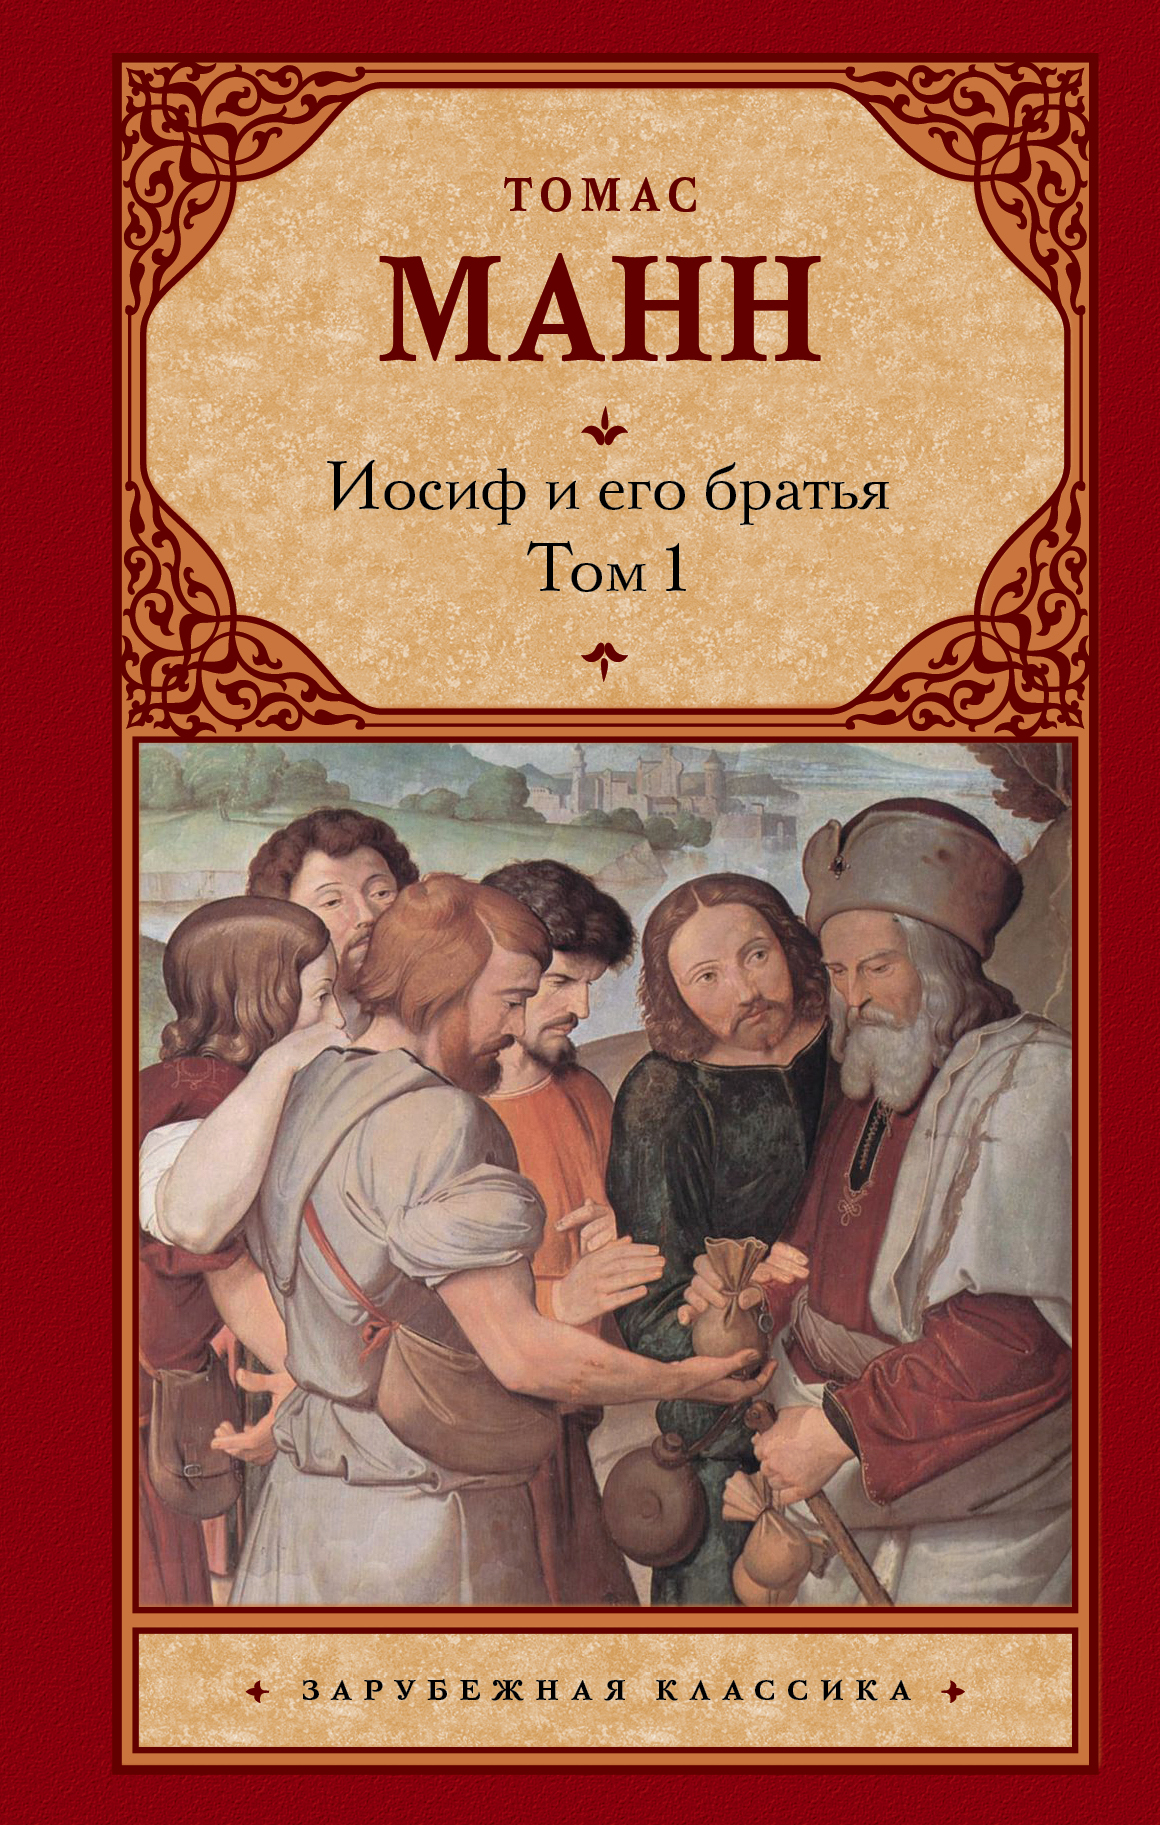 9785171025779 - Томас Манн: Иосиф и его братья. Том 1 - Книга